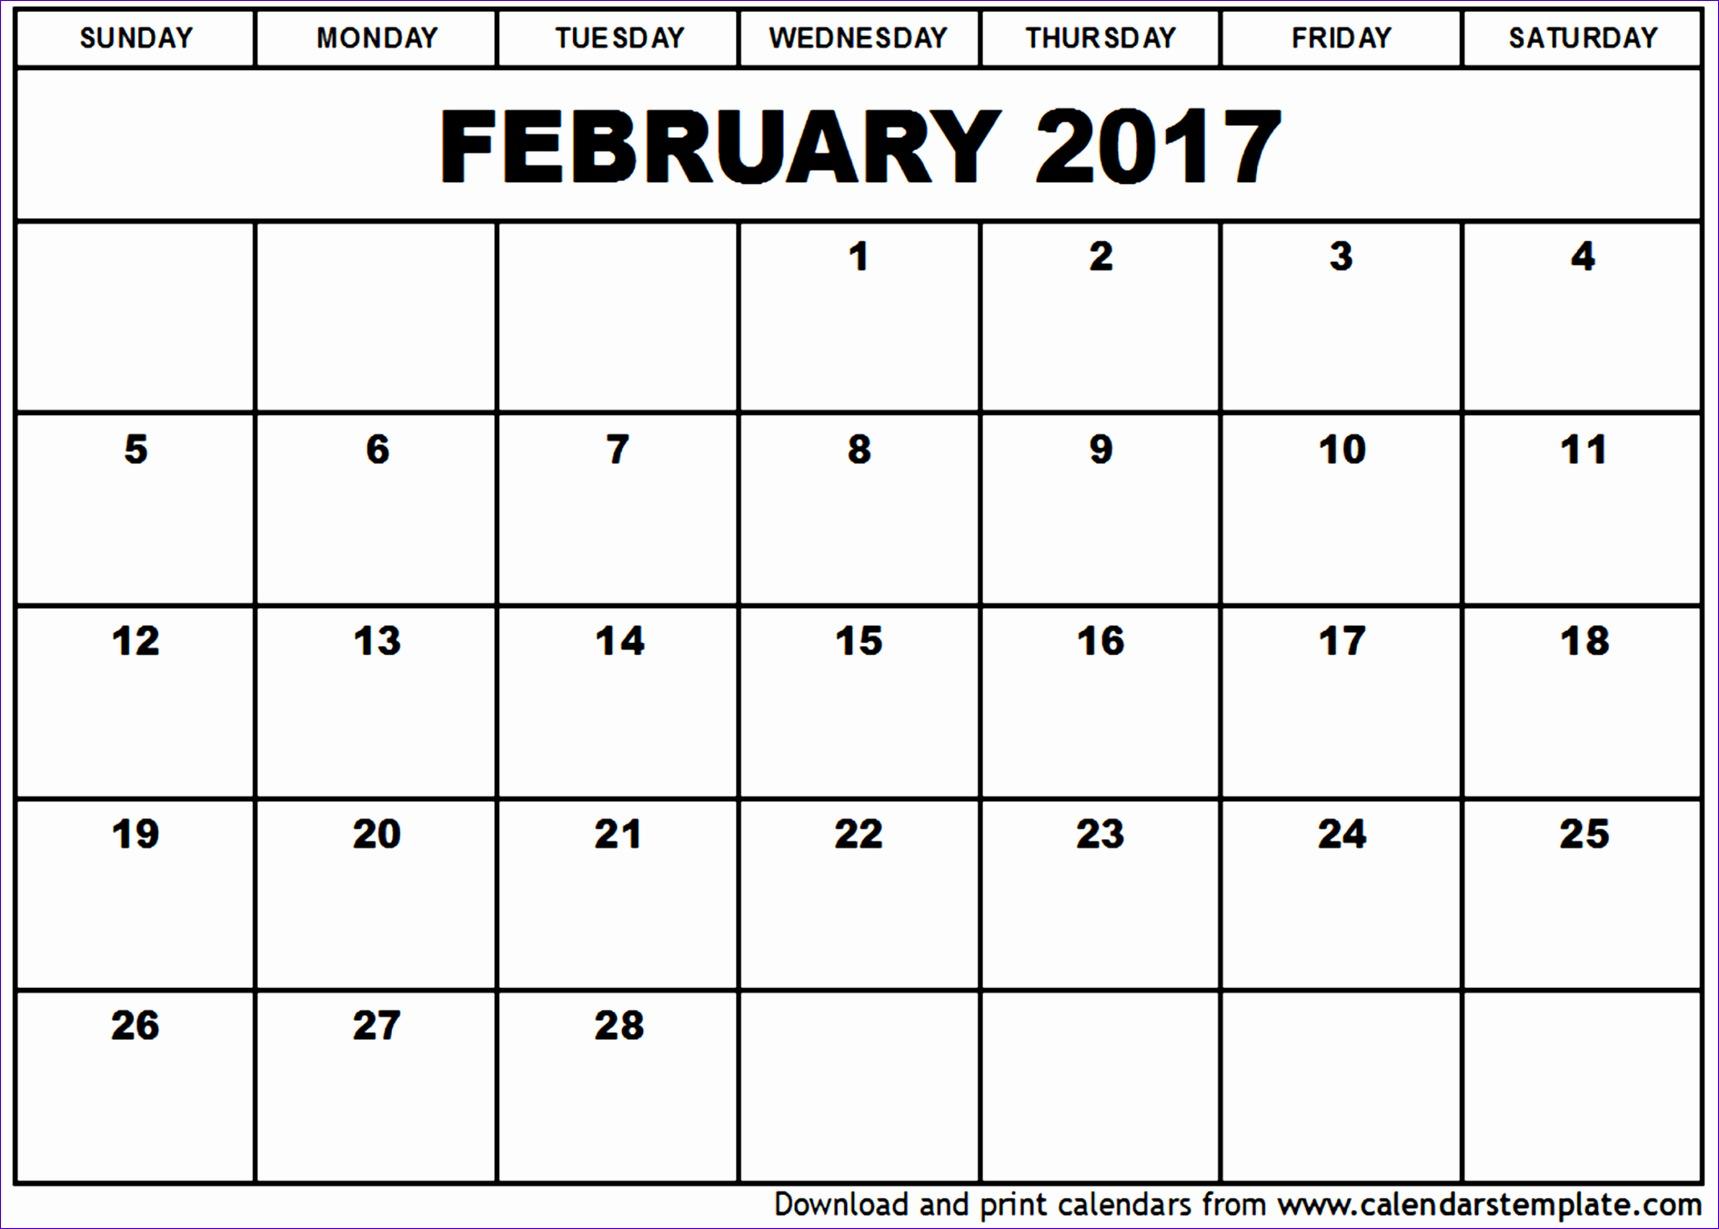 february 2017 calendar excel february 2017 calendar excel february 2017 calendar image february 2017 calendar printable ytupxl yrxcpk eJUcTj